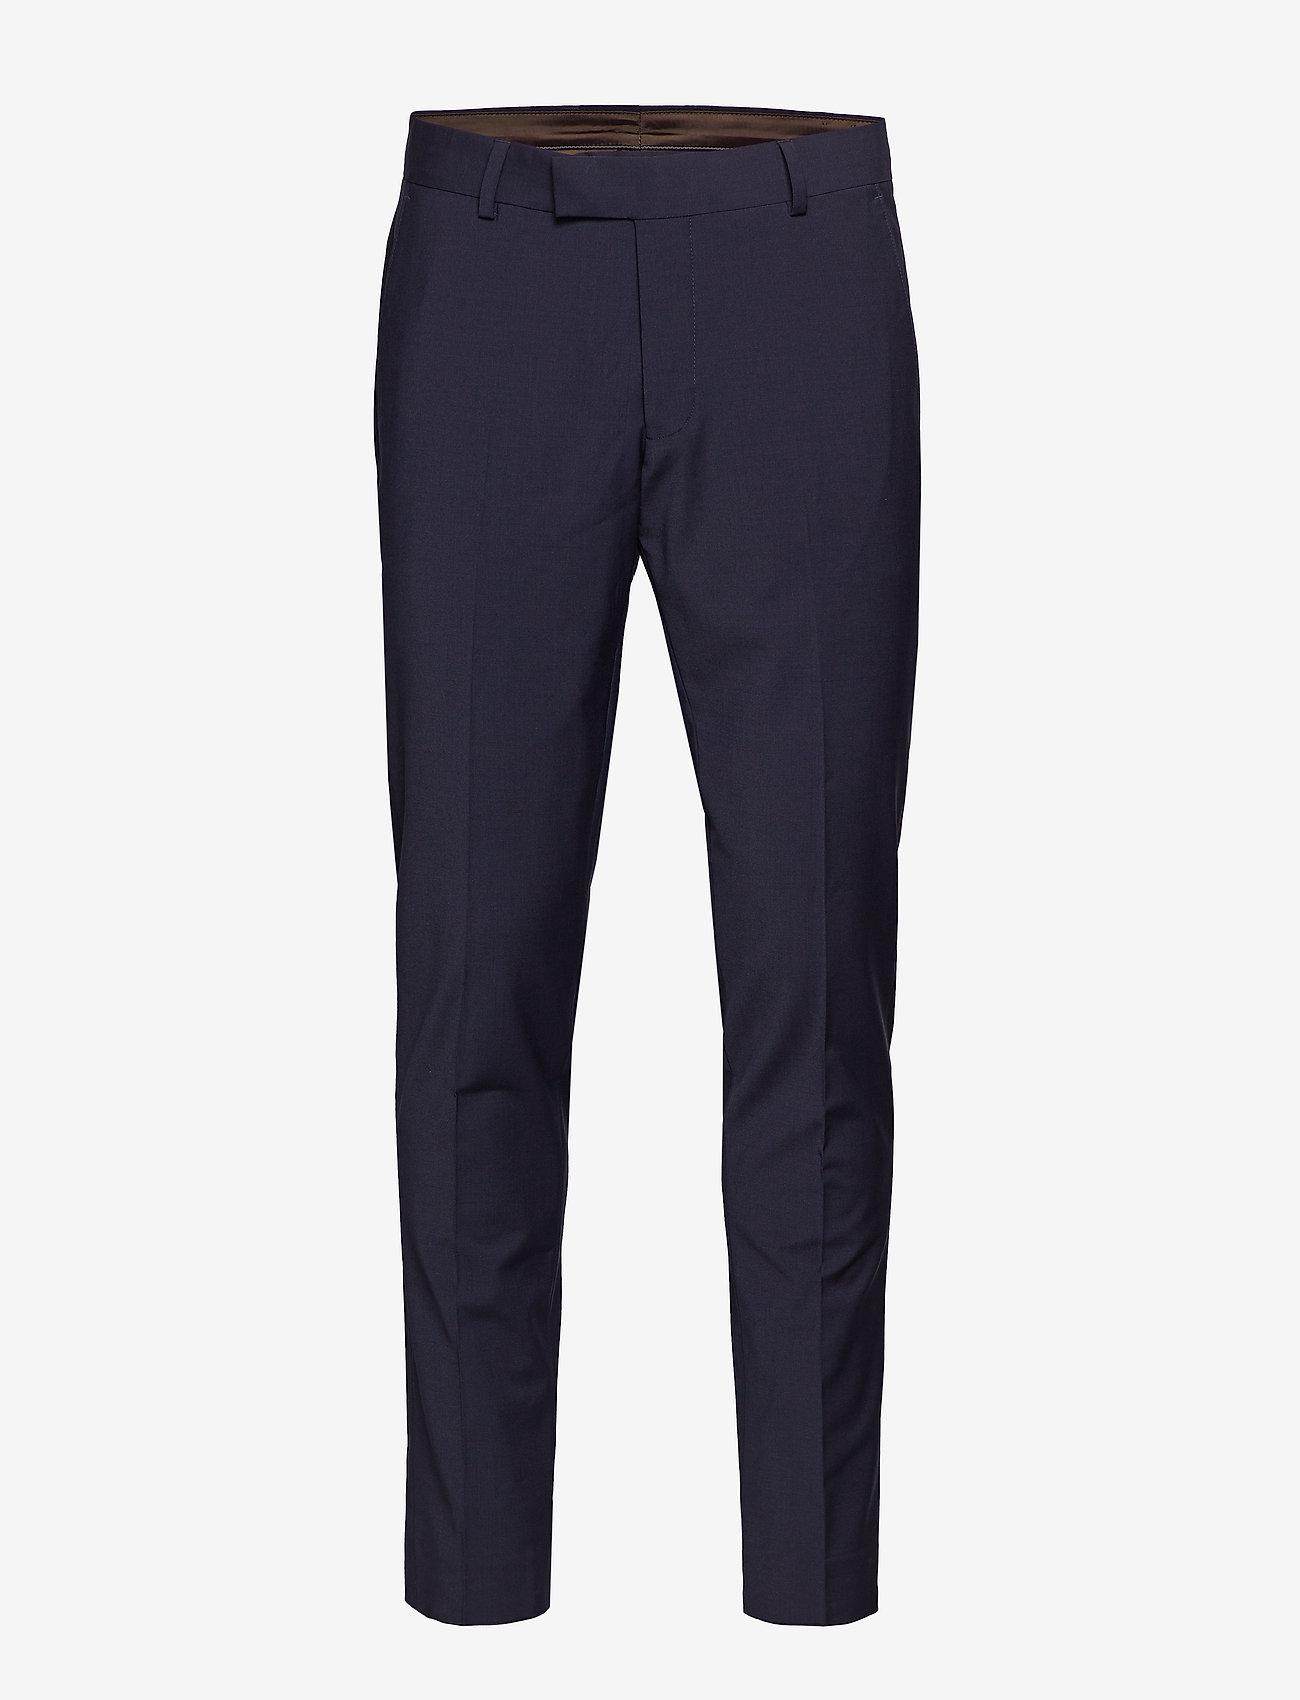 Esprit Collection - Pants suit - formele broeken - navy - 0